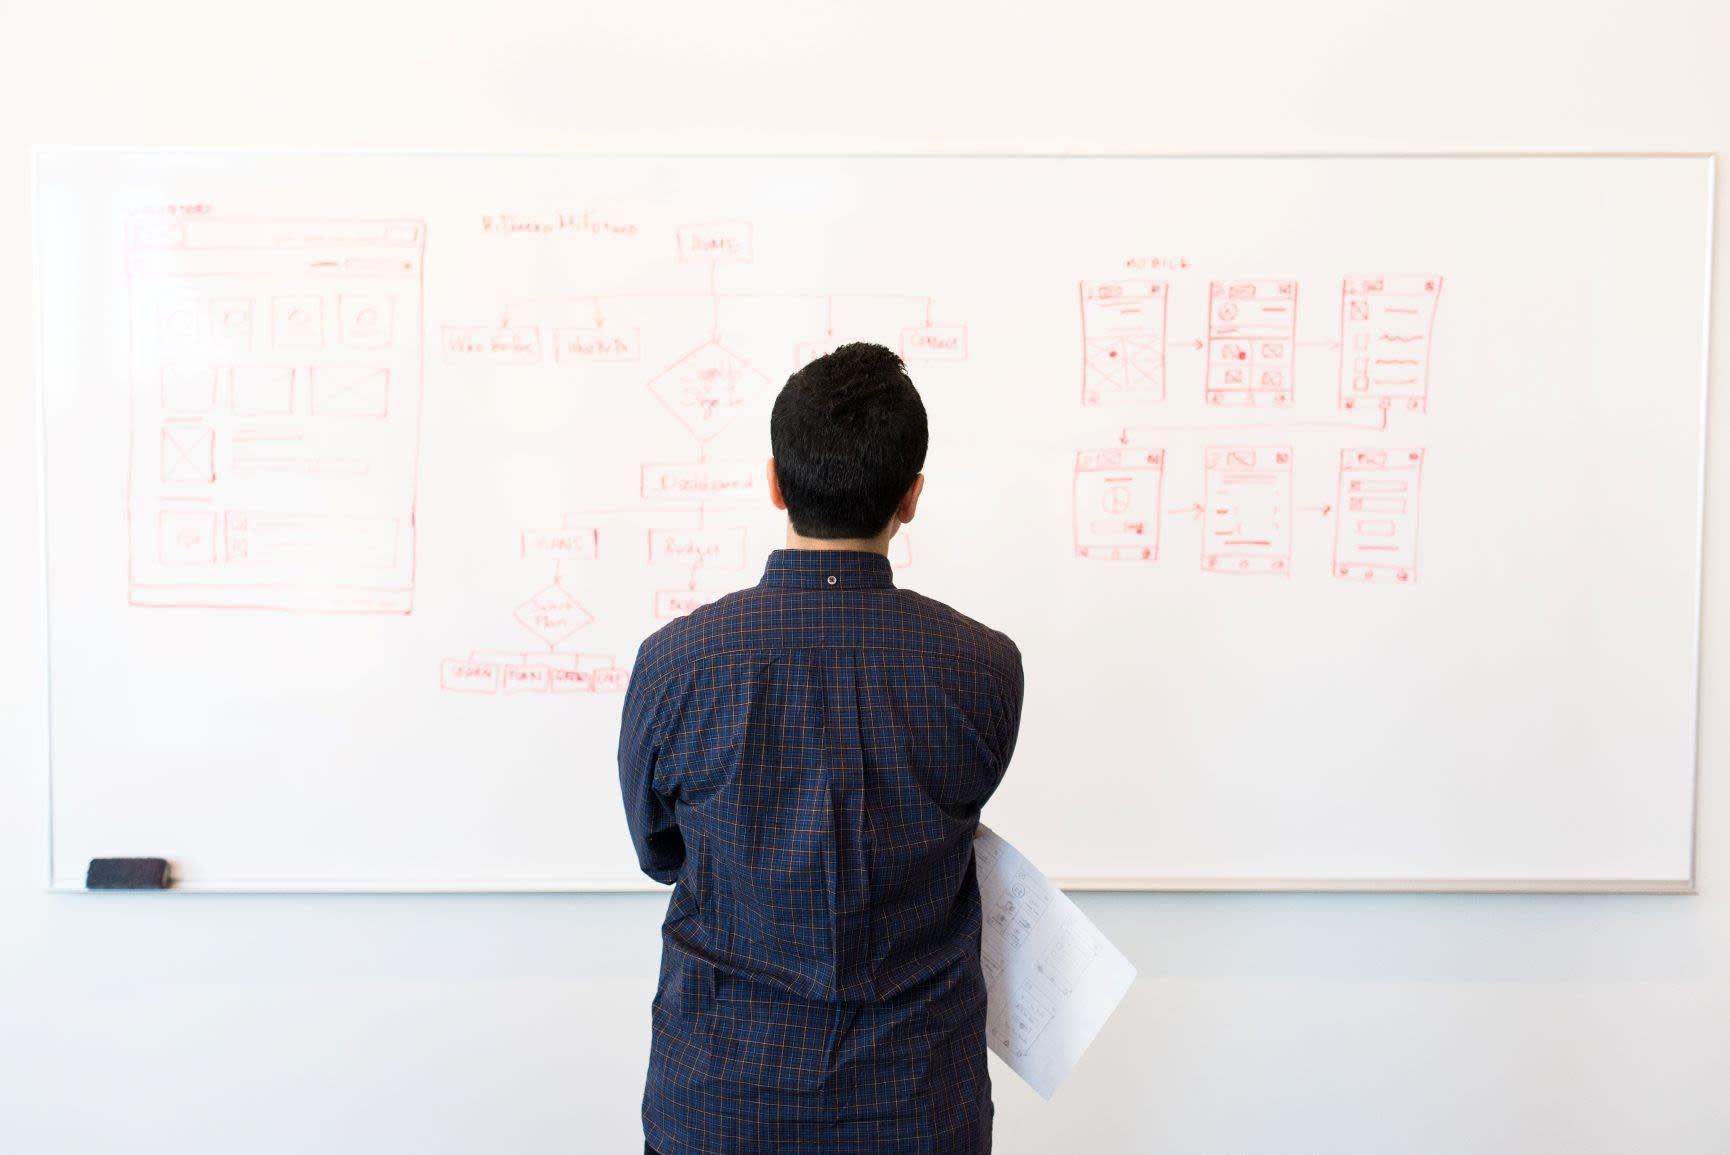 Mann steht vor Whiteboard mit roter Schrift